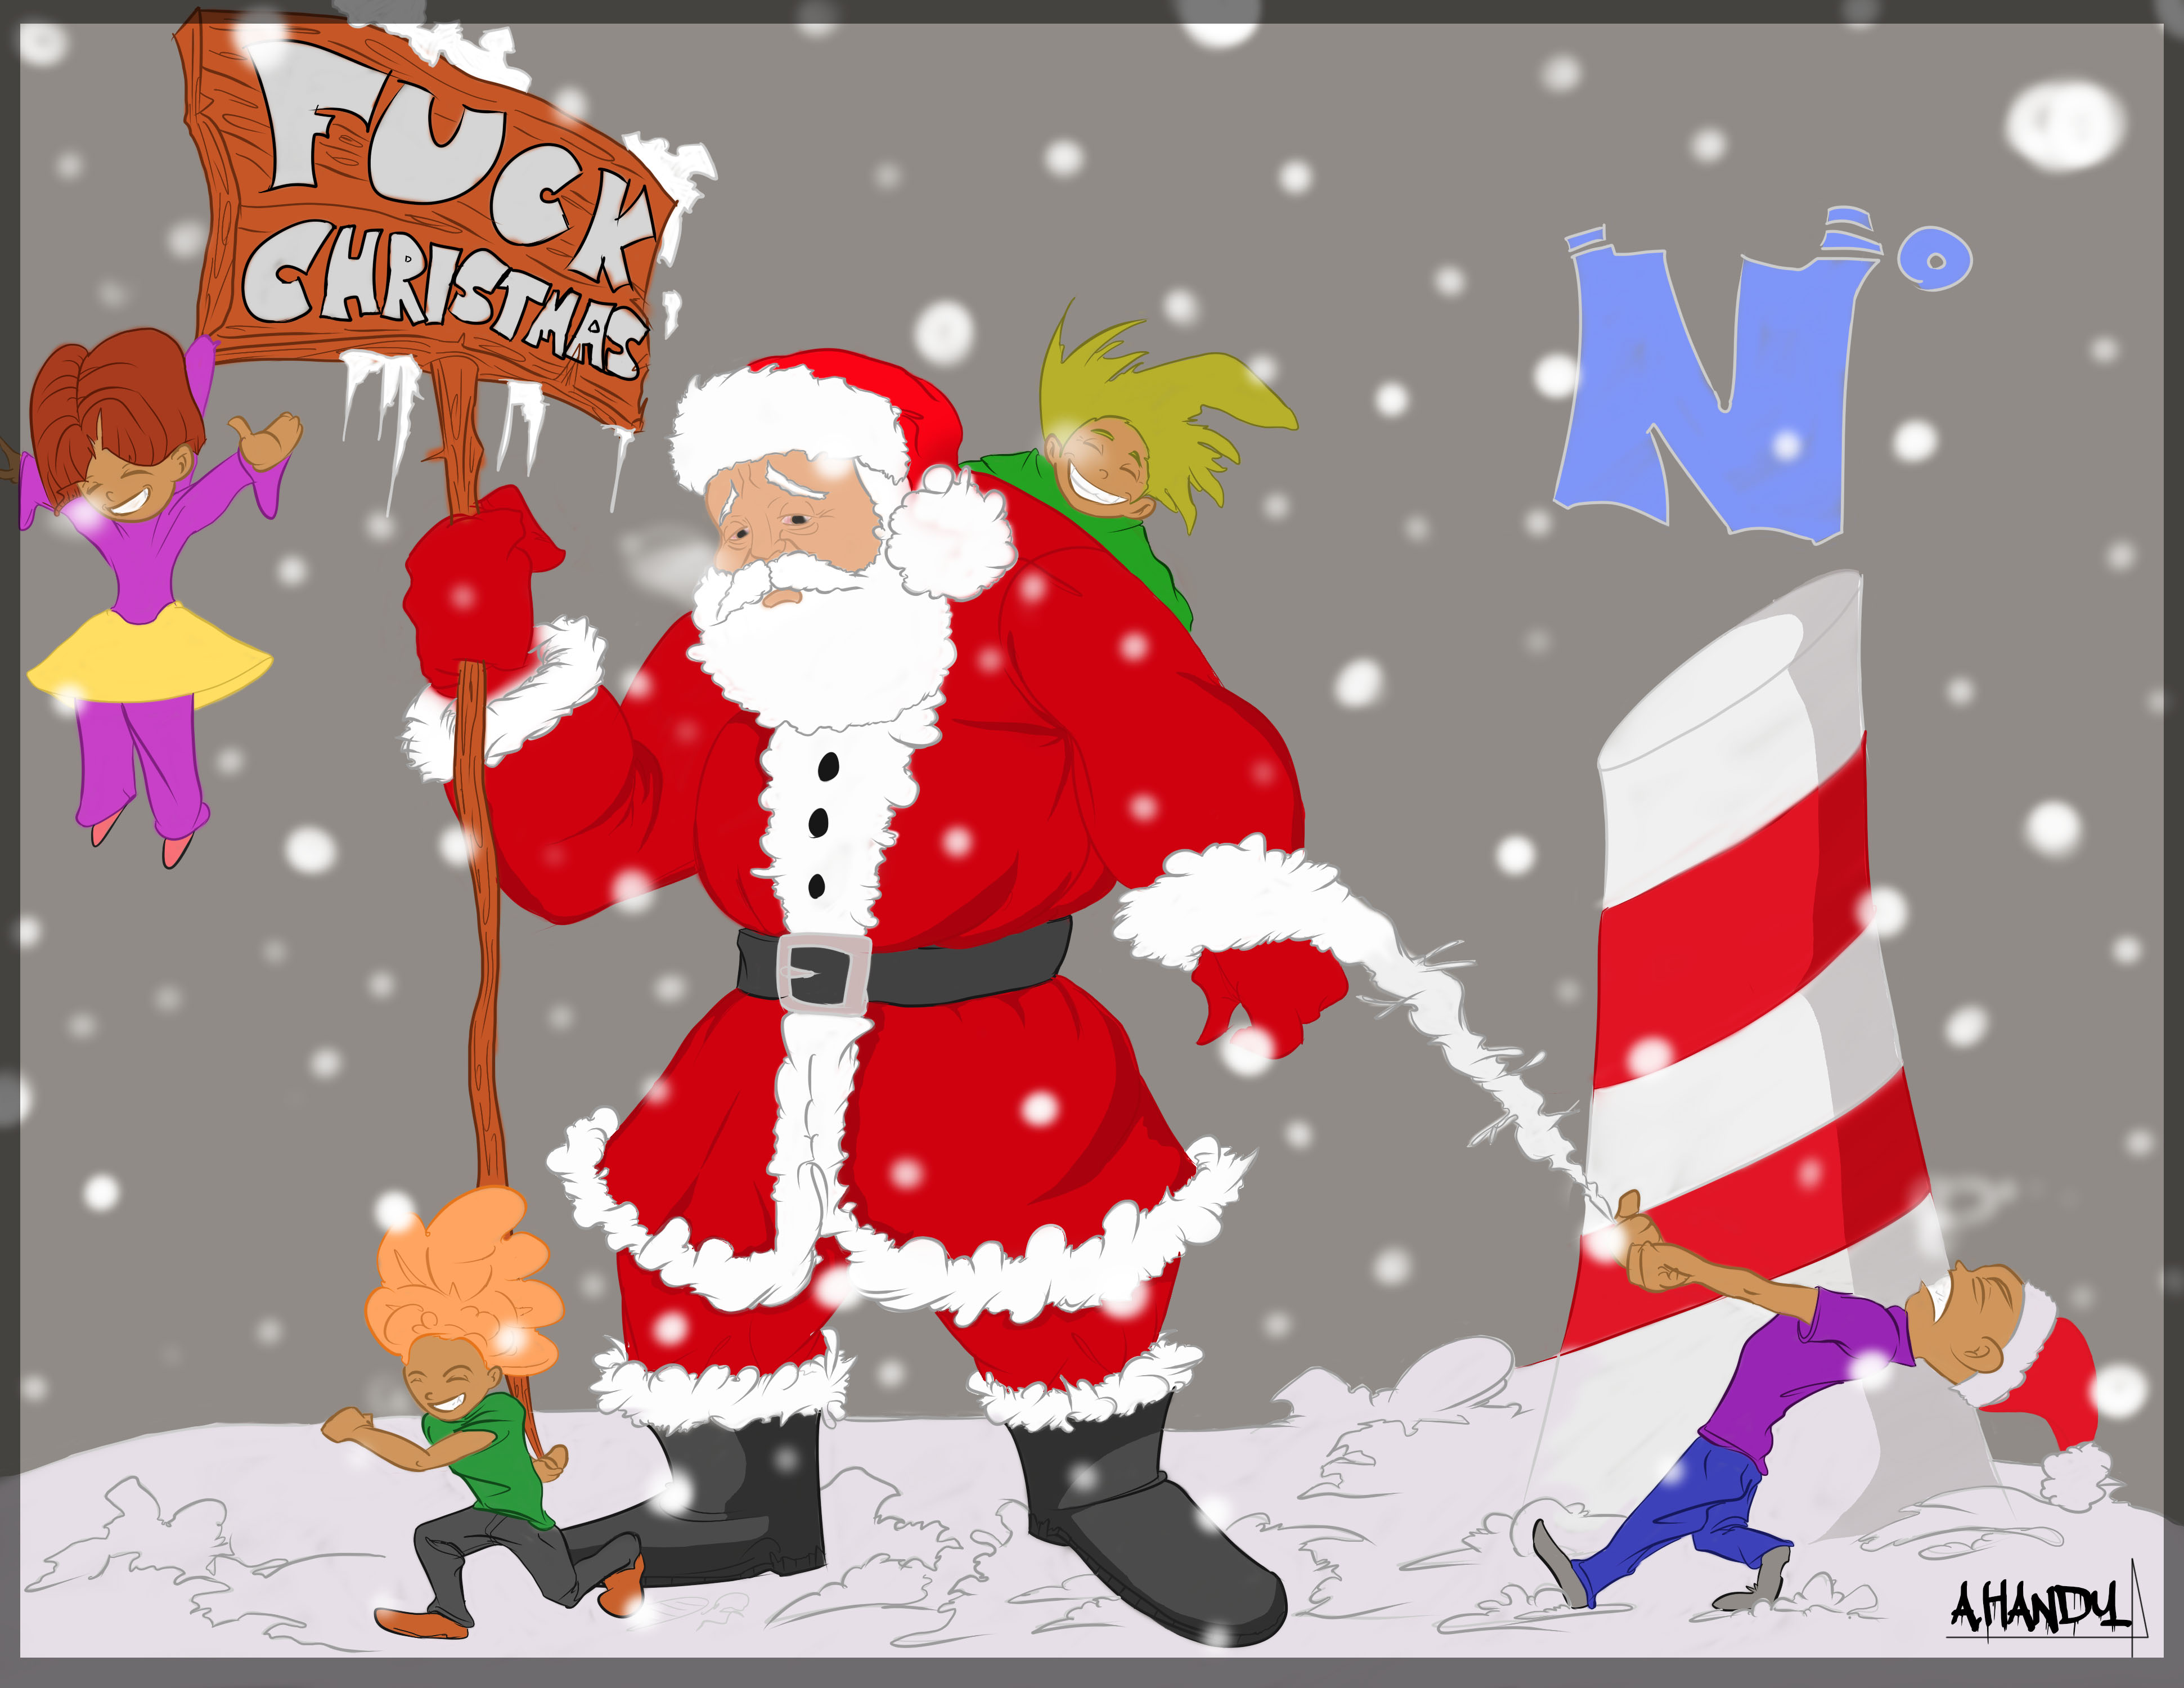 Santa Claus Reality